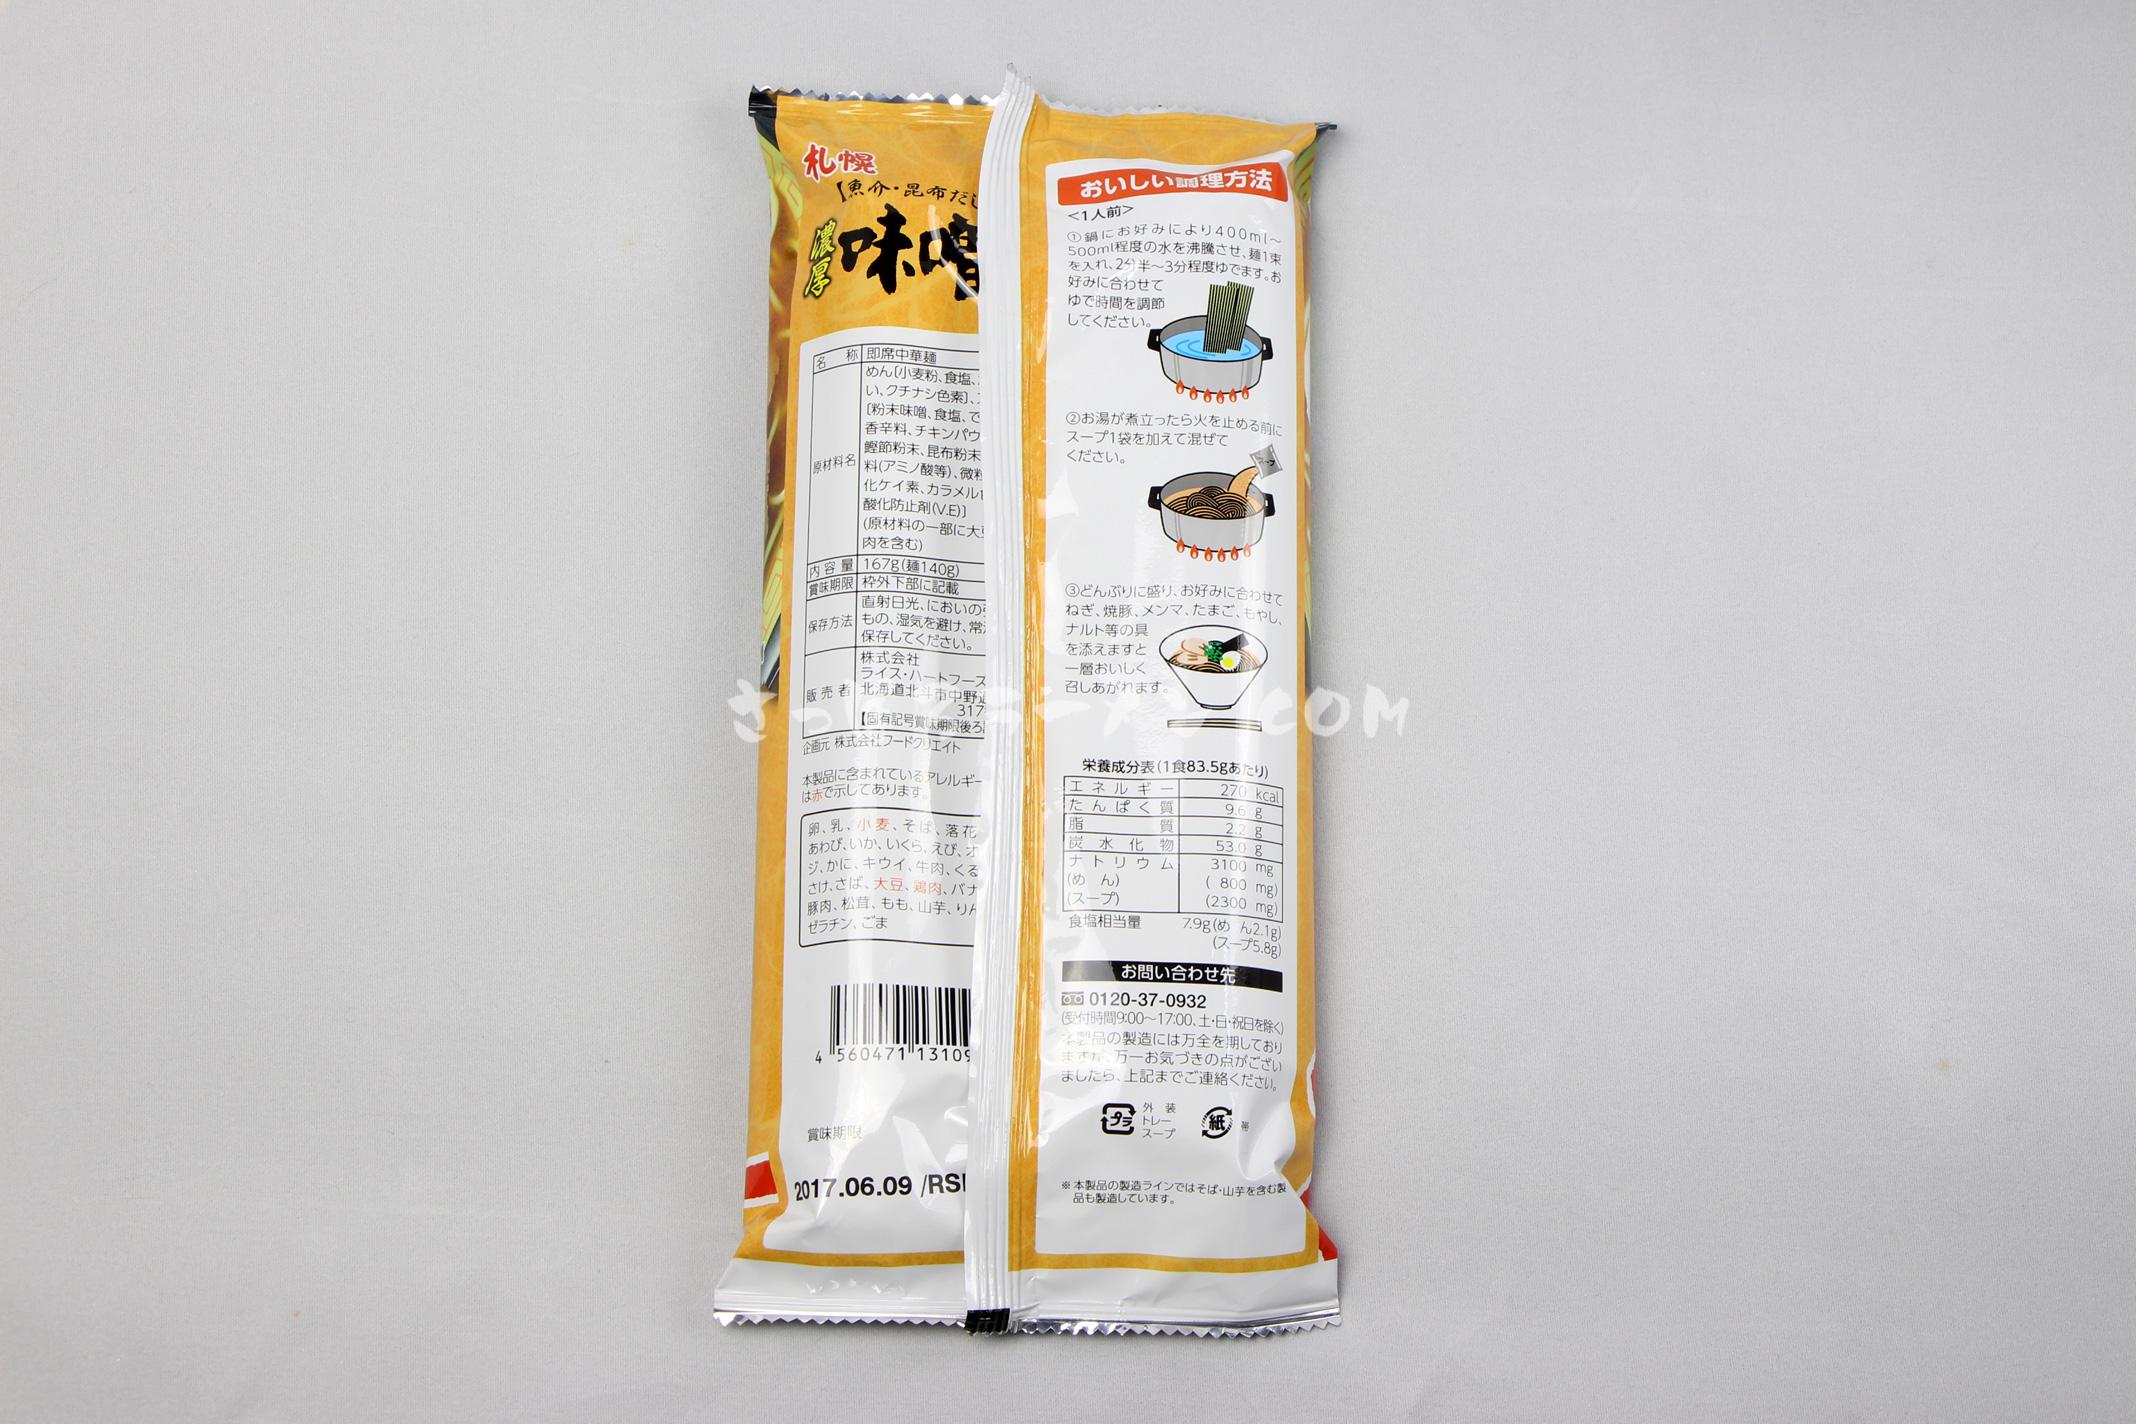 「北海道ラーメン 濃厚味噌」(ライス・ハートフーズ)のパッケージ(裏)